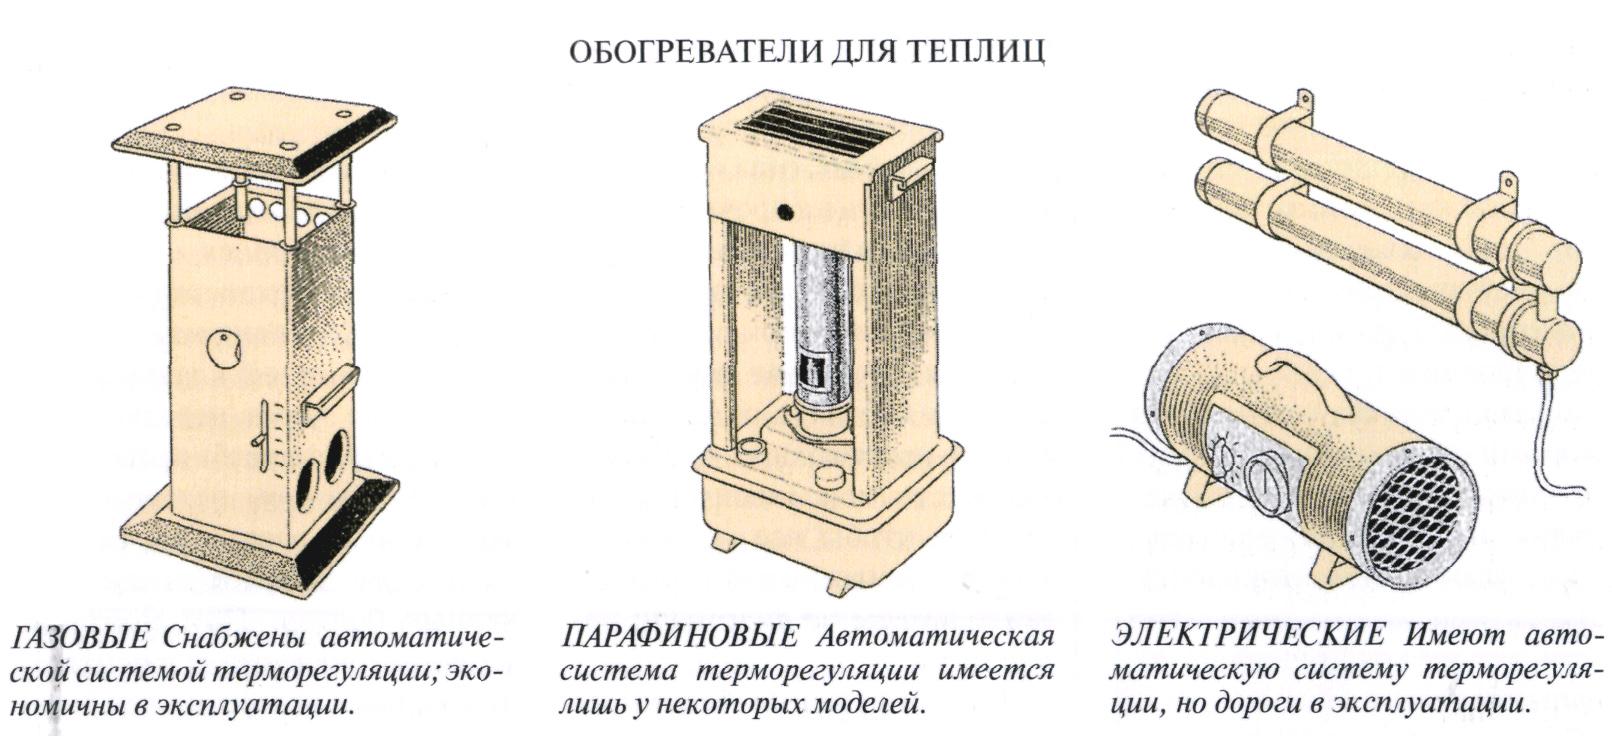 схема отопления теплиц вода